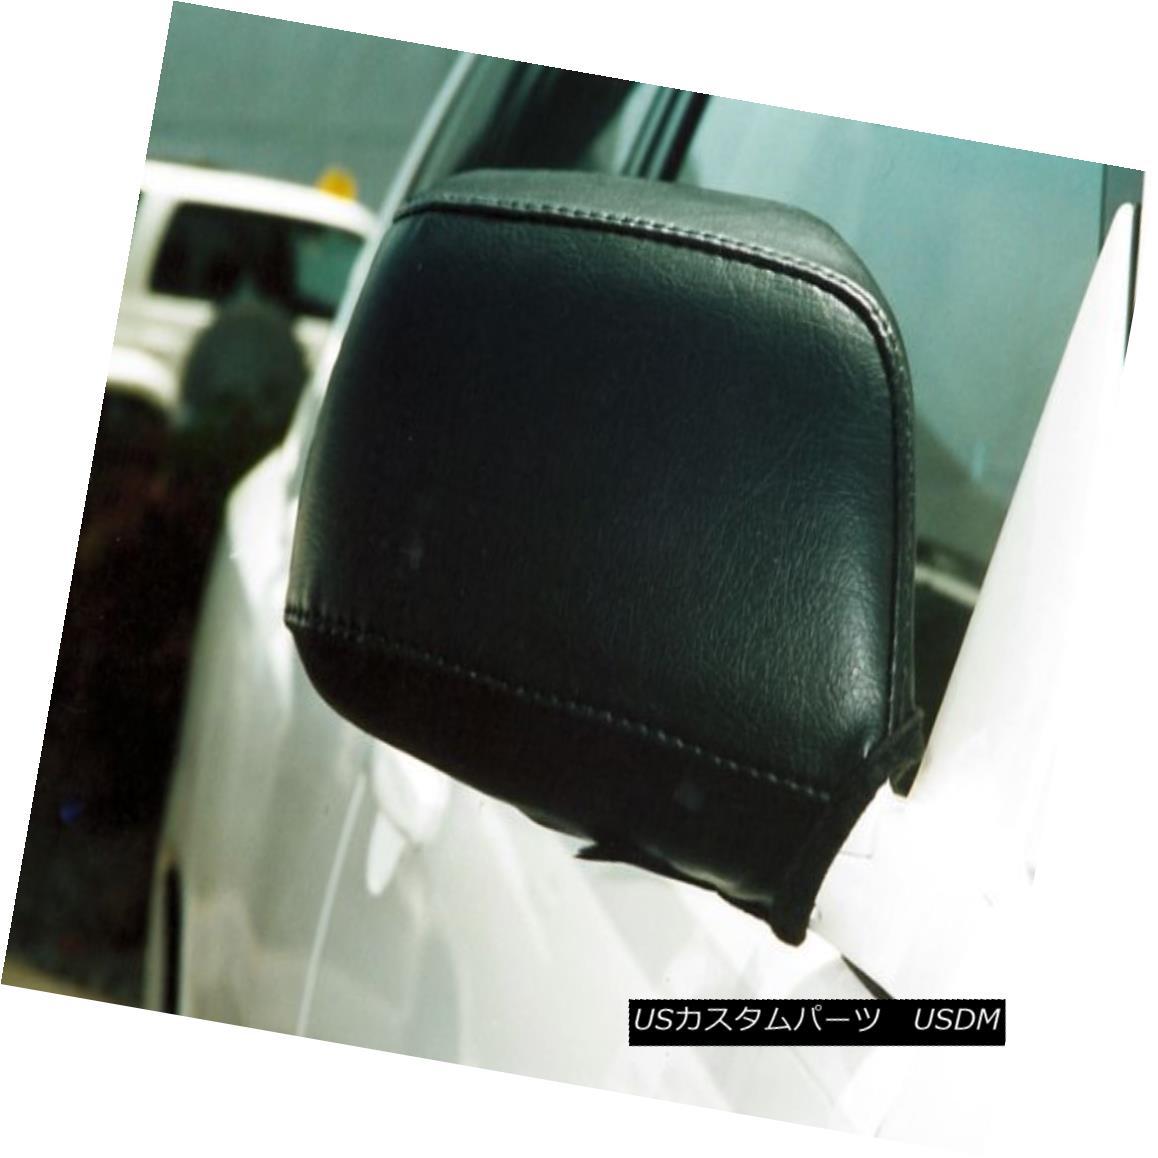 フルブラ ノーズブラ Colgan Car Mirror Covers Bra Black Fits 2004-2007 Toyota Highlander コルガン車のミラーカバーブラブラックは2004-2007年に適合トヨタハイランダー